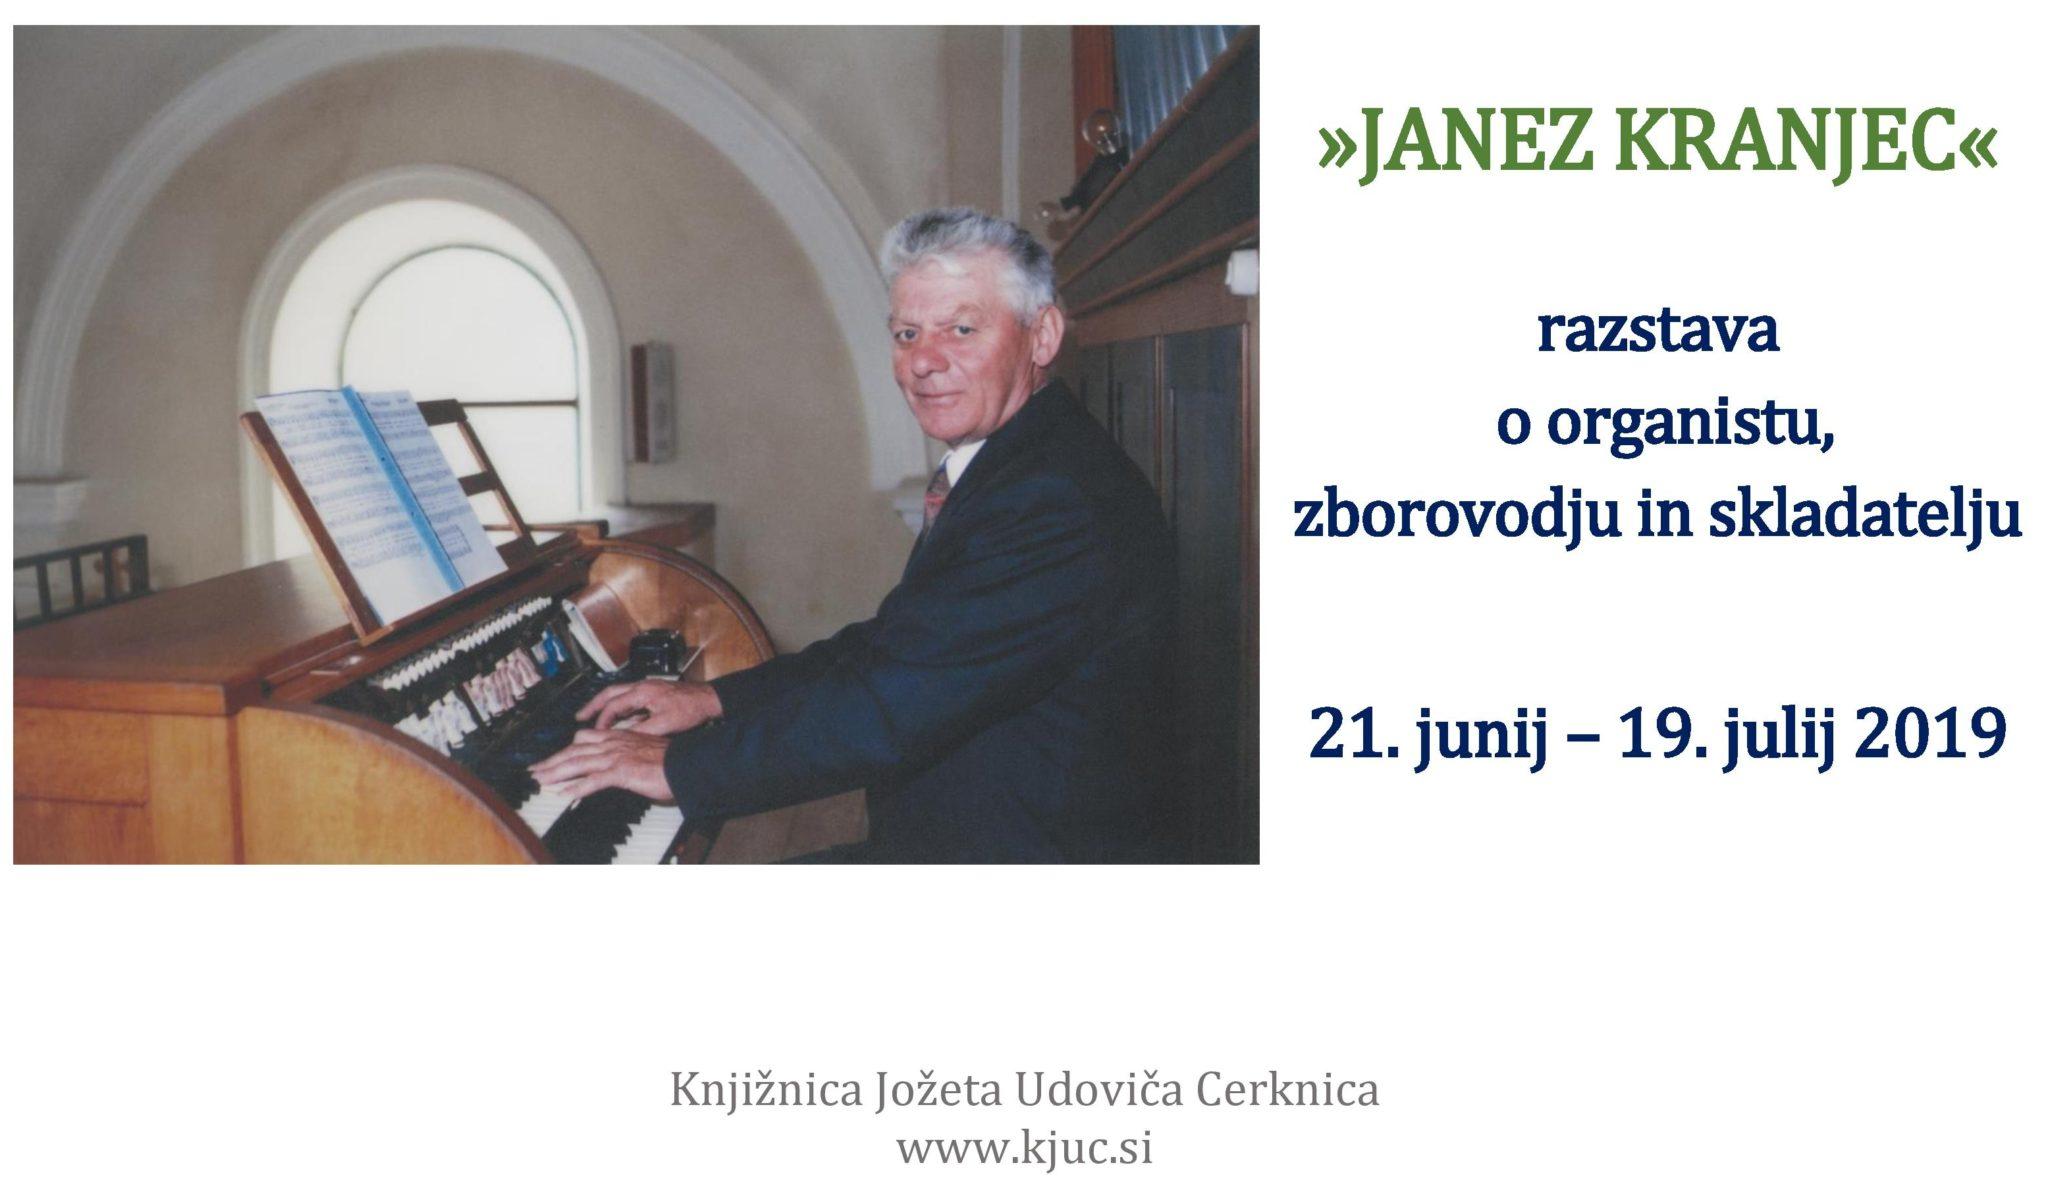 cover 3 - Janez Kranjec – razstava o organistu, zborovodju in skladatelju